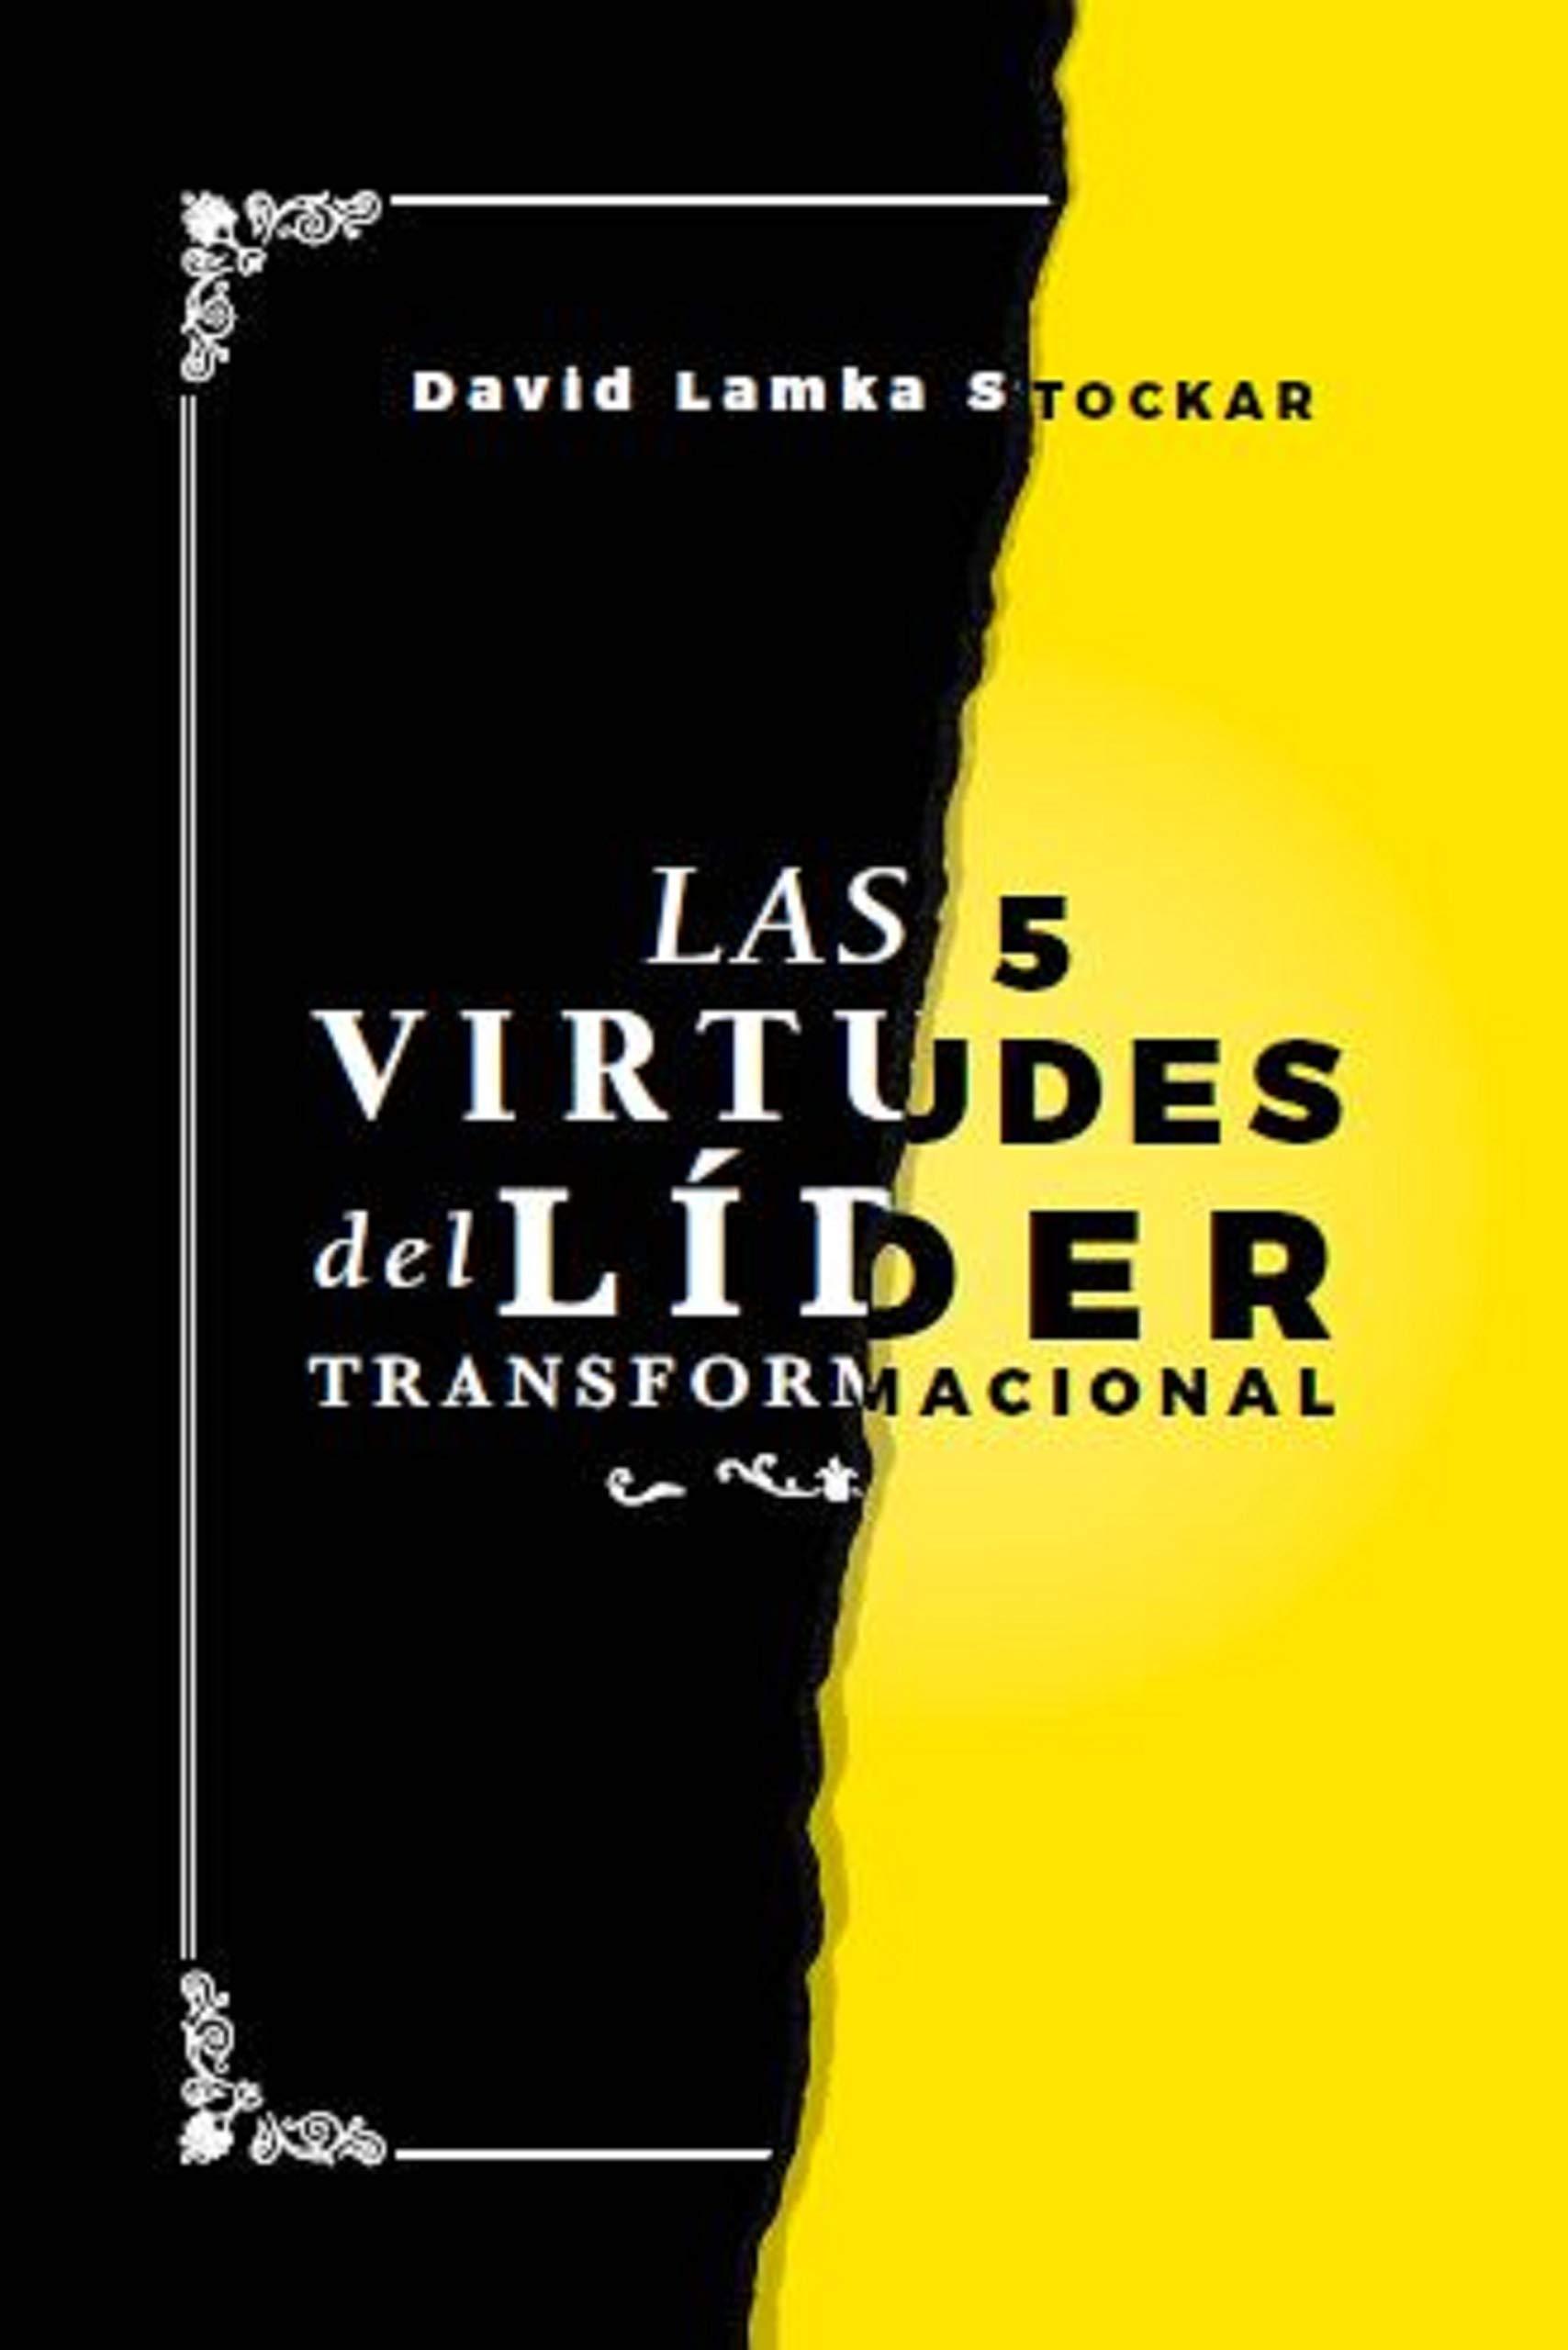 Las 5 virtudes del líder transformacional (Spanish Edition)